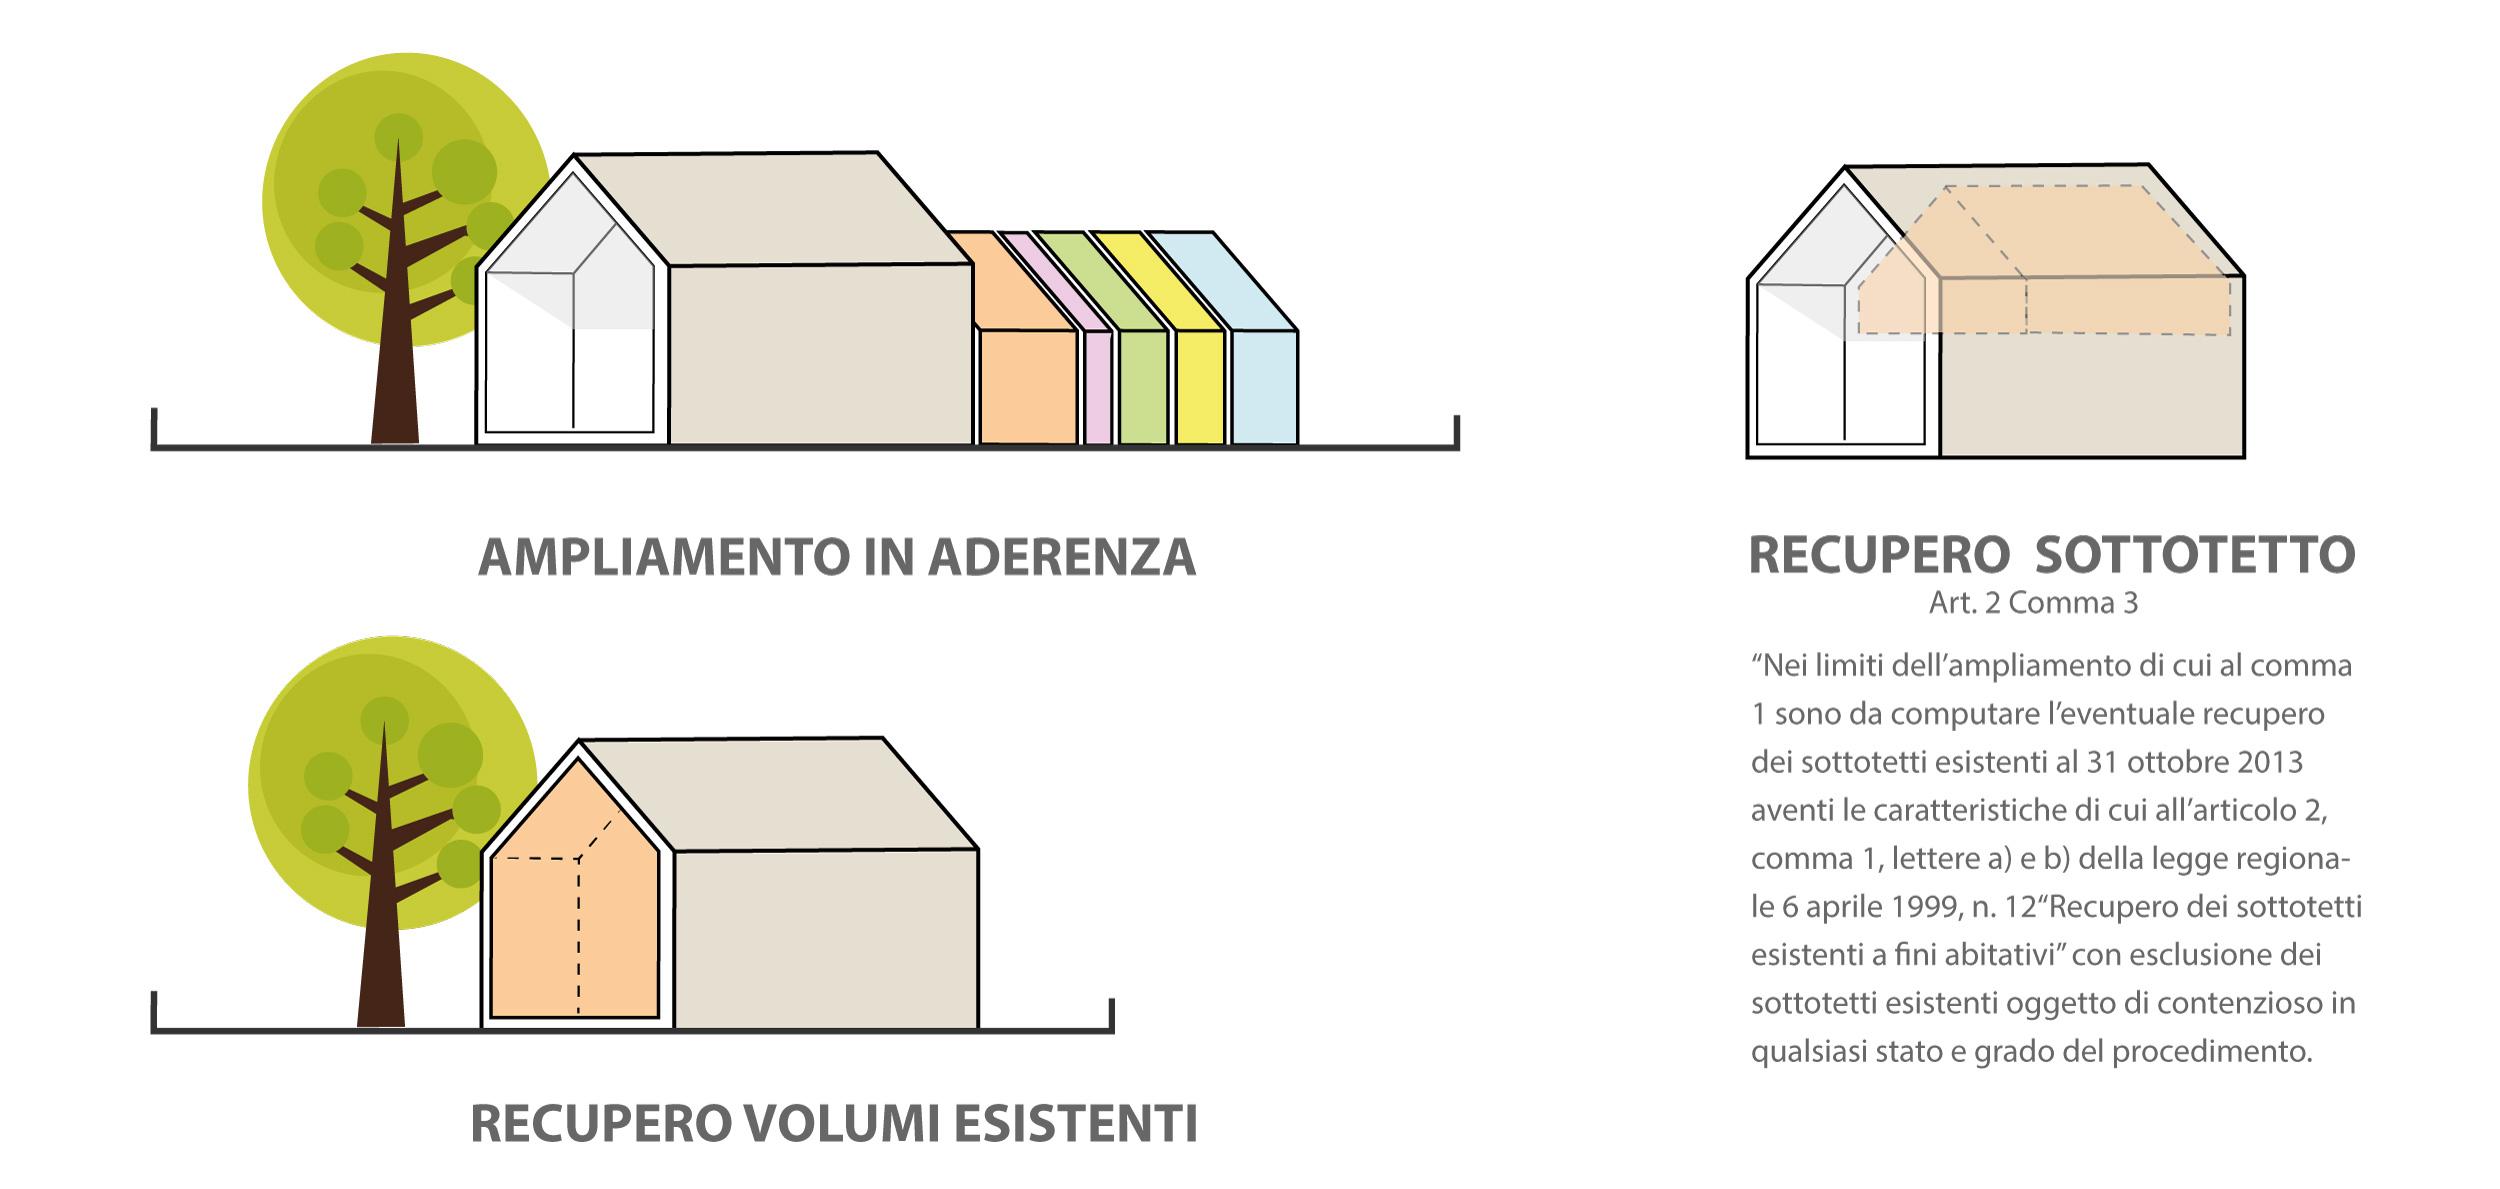 Piano casa veneto mini guida e 4 esempi geom paolo gollo for Creatore del piano casa